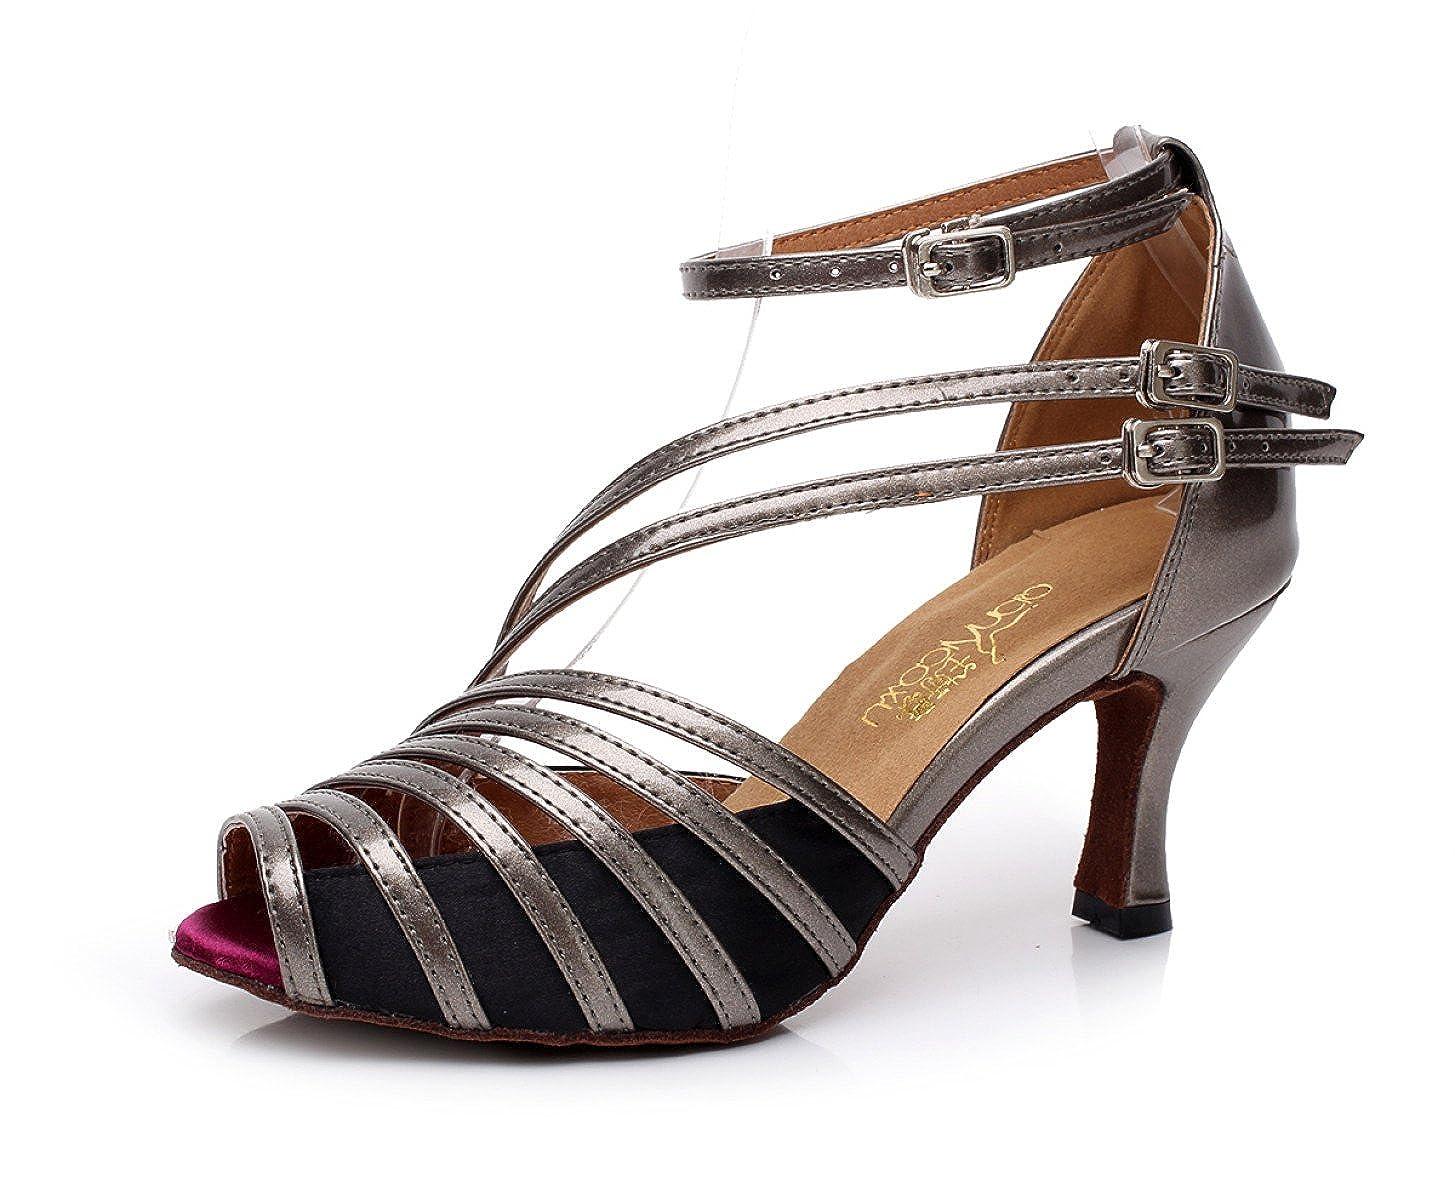 JSHOE Latin Chaussures De Danse Salsa Latin PU B0778KBVJF Salsa PU Salsa/Tango/Thé/Samba/Moderne/Jazz Sandales Chaussures Talons Hauts,Gray-heeled7.5cm-UK6/EU39/Our40 - bb39e1d - jessicalock.space